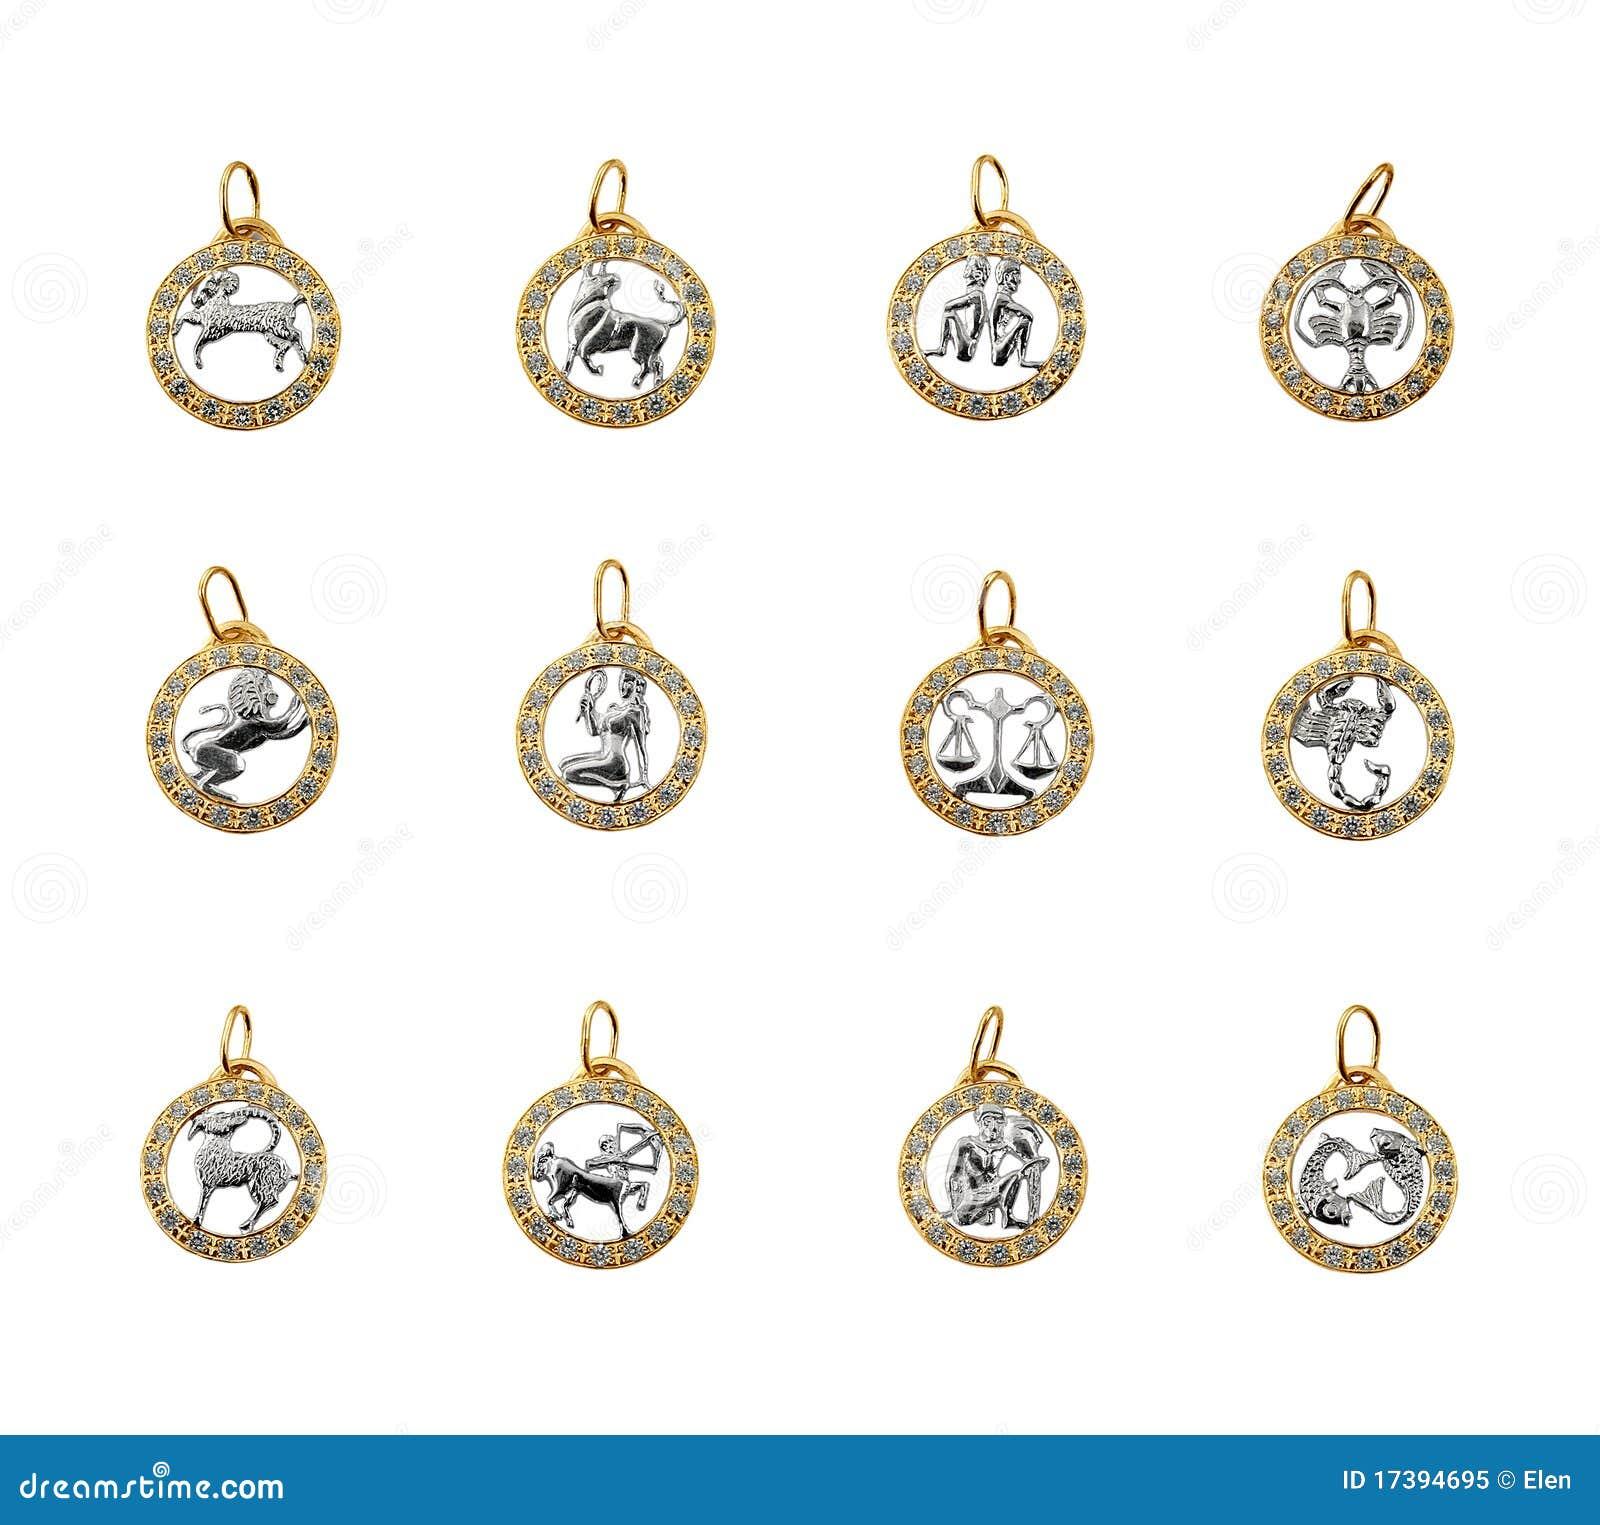 Symbols of the zodiac, horoscope